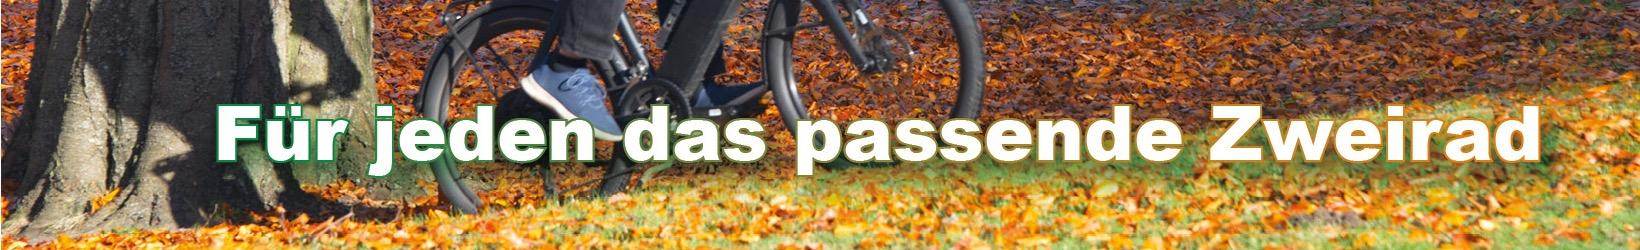 Für jeden das passende Zweirad - Foto und Grafik: Katharina Hansen-Gluschitz